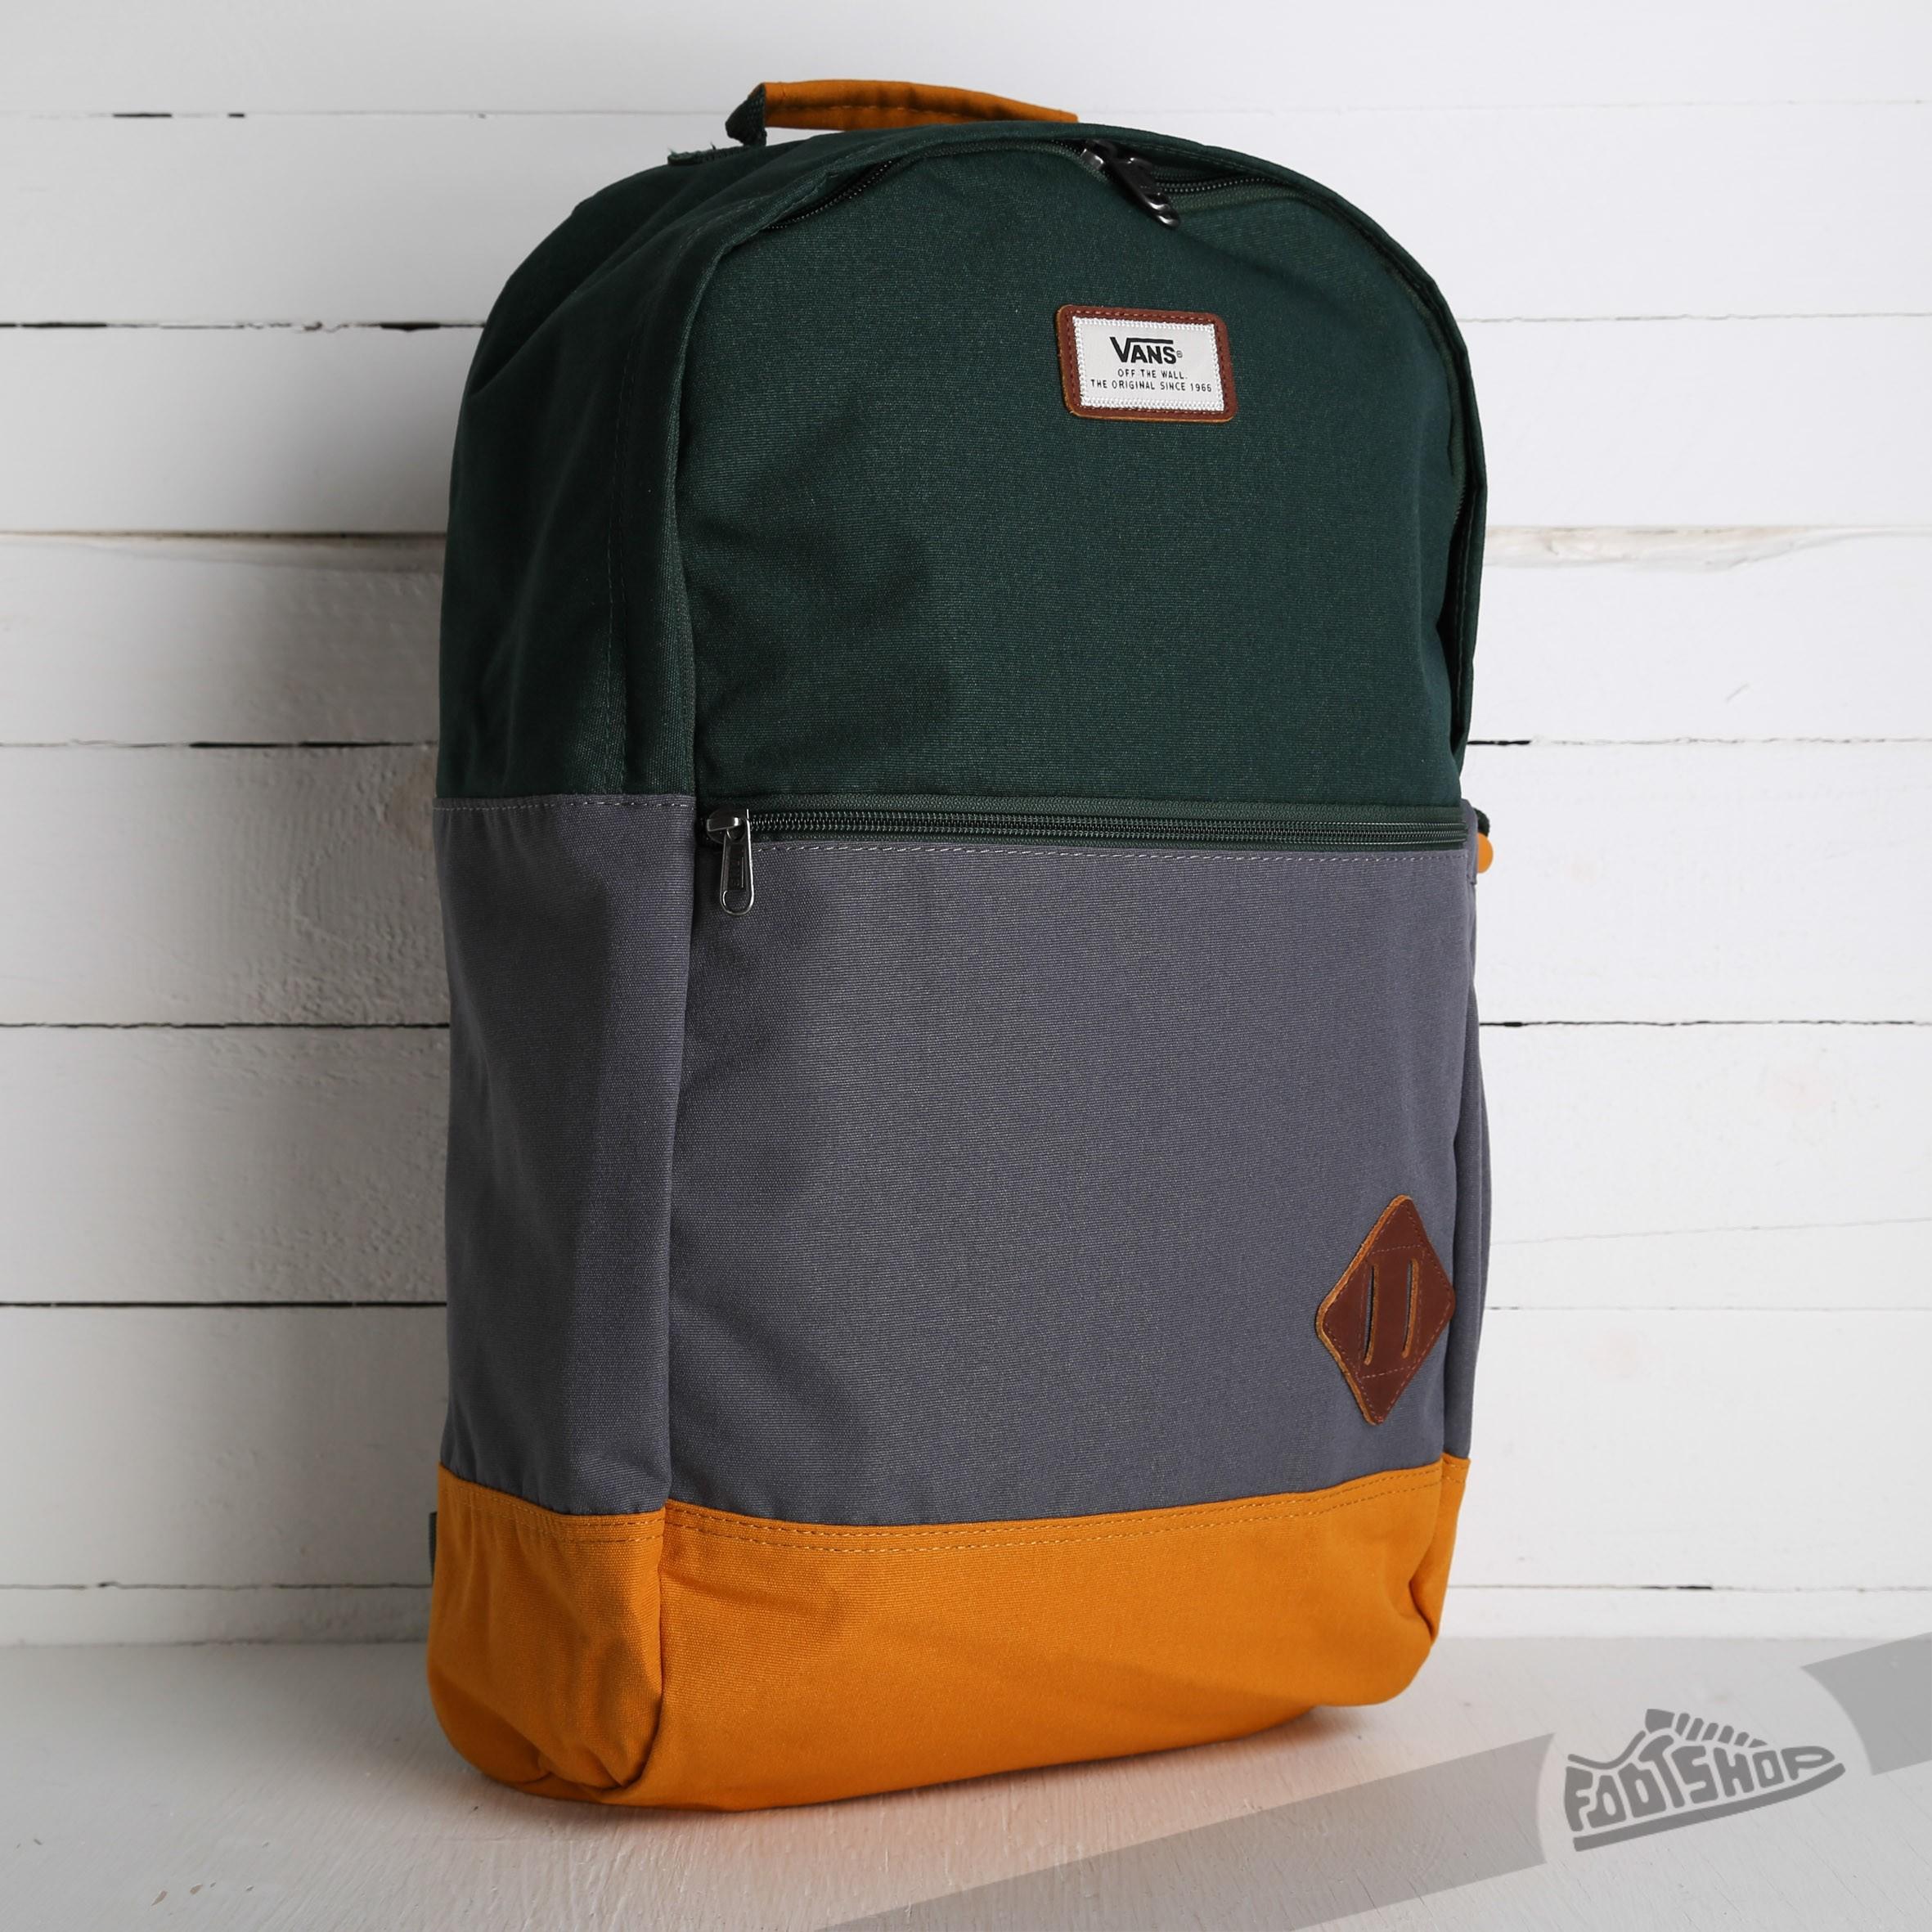 95a07bdc24 Vans Van Doren II Backpack Sycamore